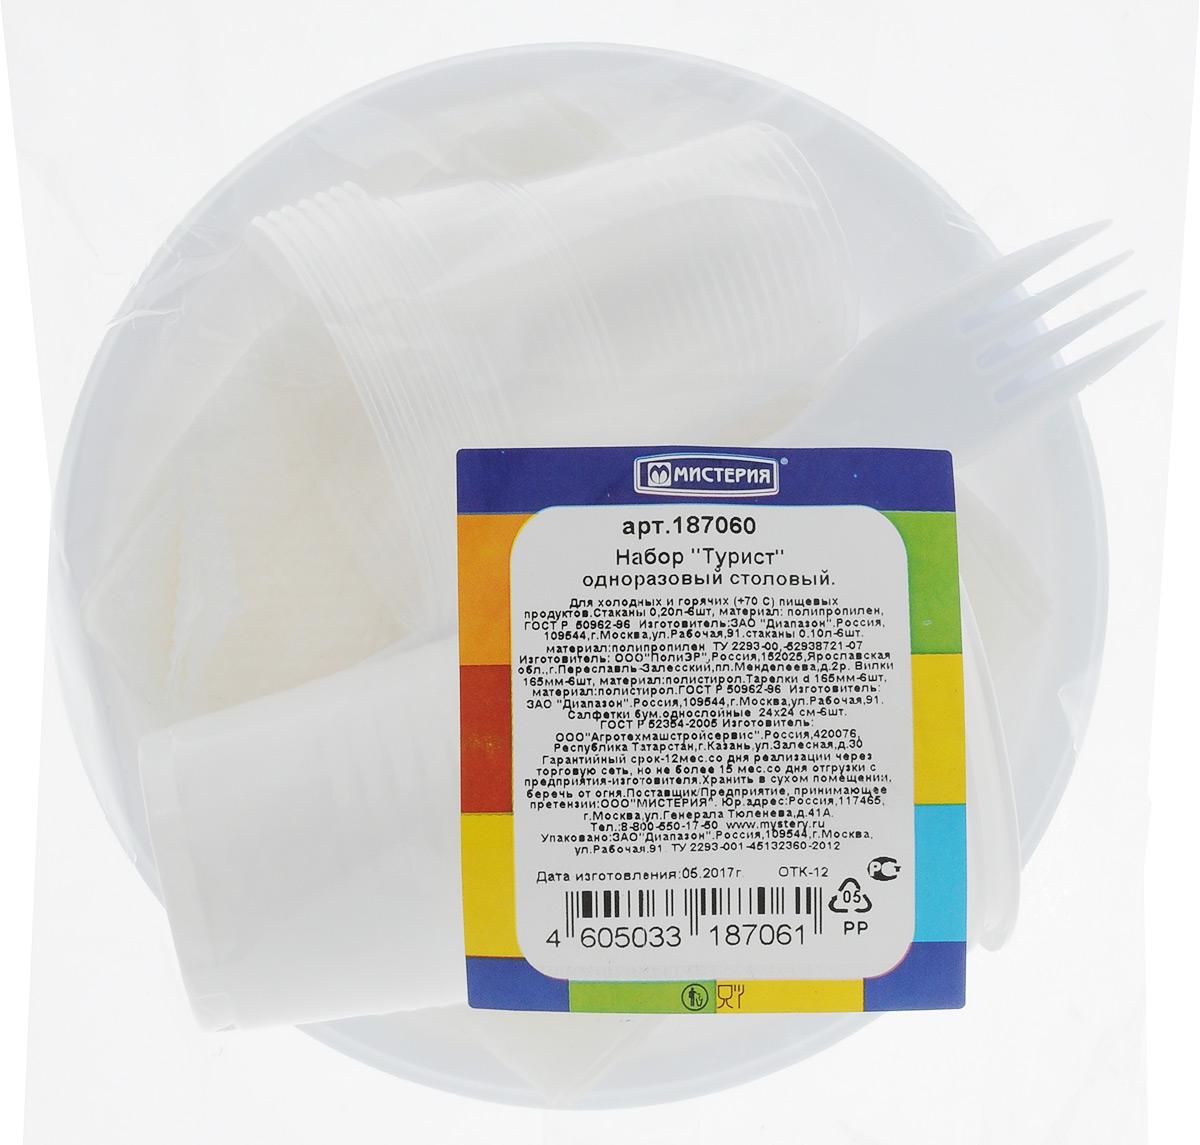 Набор одноразовой посуды Мистерия Турист, 30 предметовПОС31Набор одноразовой посуды Мистерия Турист на 6 персон включает 6 тарелок, 6 вилок, 6 больших стаканов, 6 маленьких стаканов и 6 салфеток. Посуда выполнена из пищевого пластика, предназначена для холодных и горячих (до +70°С) пищевых продуктов. Такой набор посуды отлично подойдет для отдыха на природе. В нем есть все необходимое для пикника. Он легкий и не занимает много места, а самое главное - после использования его не надо мыть. Объем большого стакана: 200 мл. Диаметр большого стакана (по верхнему краю): 7 см. Высота большого стакана: 9,5 см. Объем маленького стакана: 100 мл. Диаметр маленького стакана (по верхнему краю): 6,5 см. Высота маленького стакана: 6,5 см. Диаметр тарелки: 16,5 см. Длина вилки: 16,5 см. Размер салфетки: 24 х 24 см.